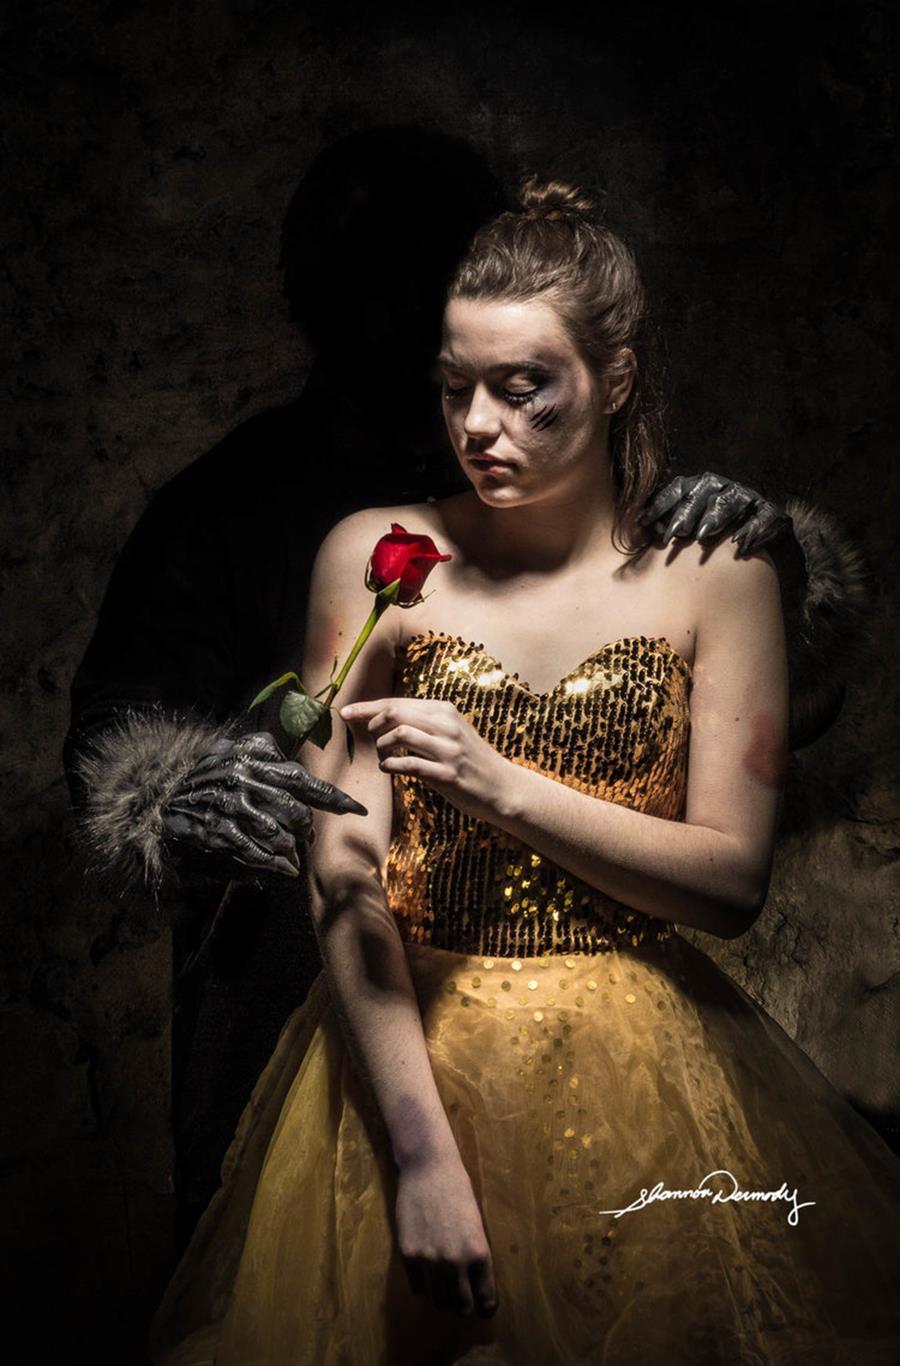 Shannon Dermody princesses Disney maux société Belle violences conjuguales